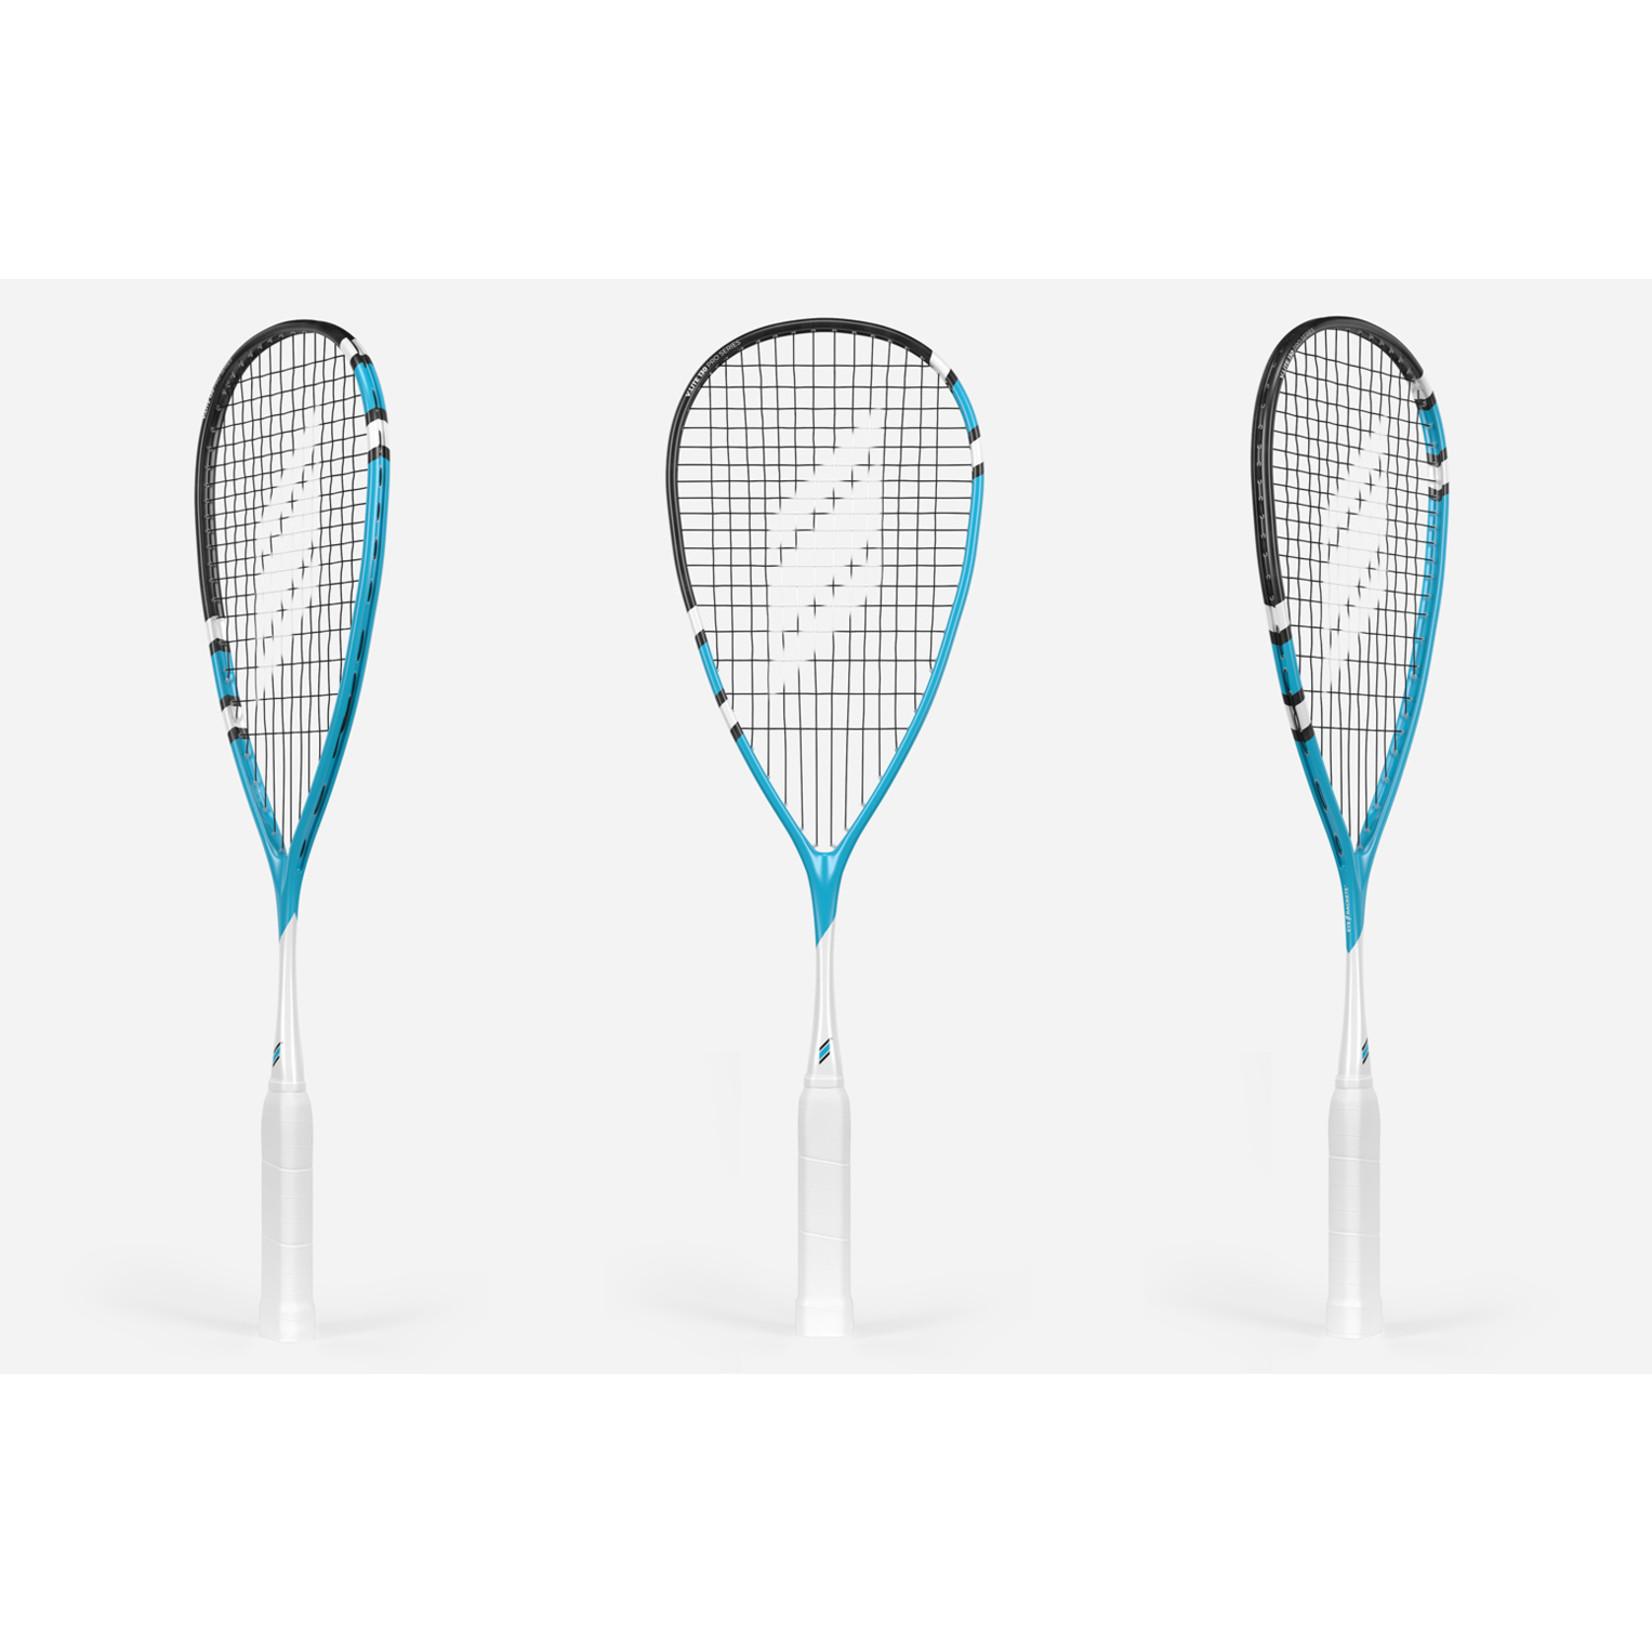 Eye V.lite 130 Pro squashracket